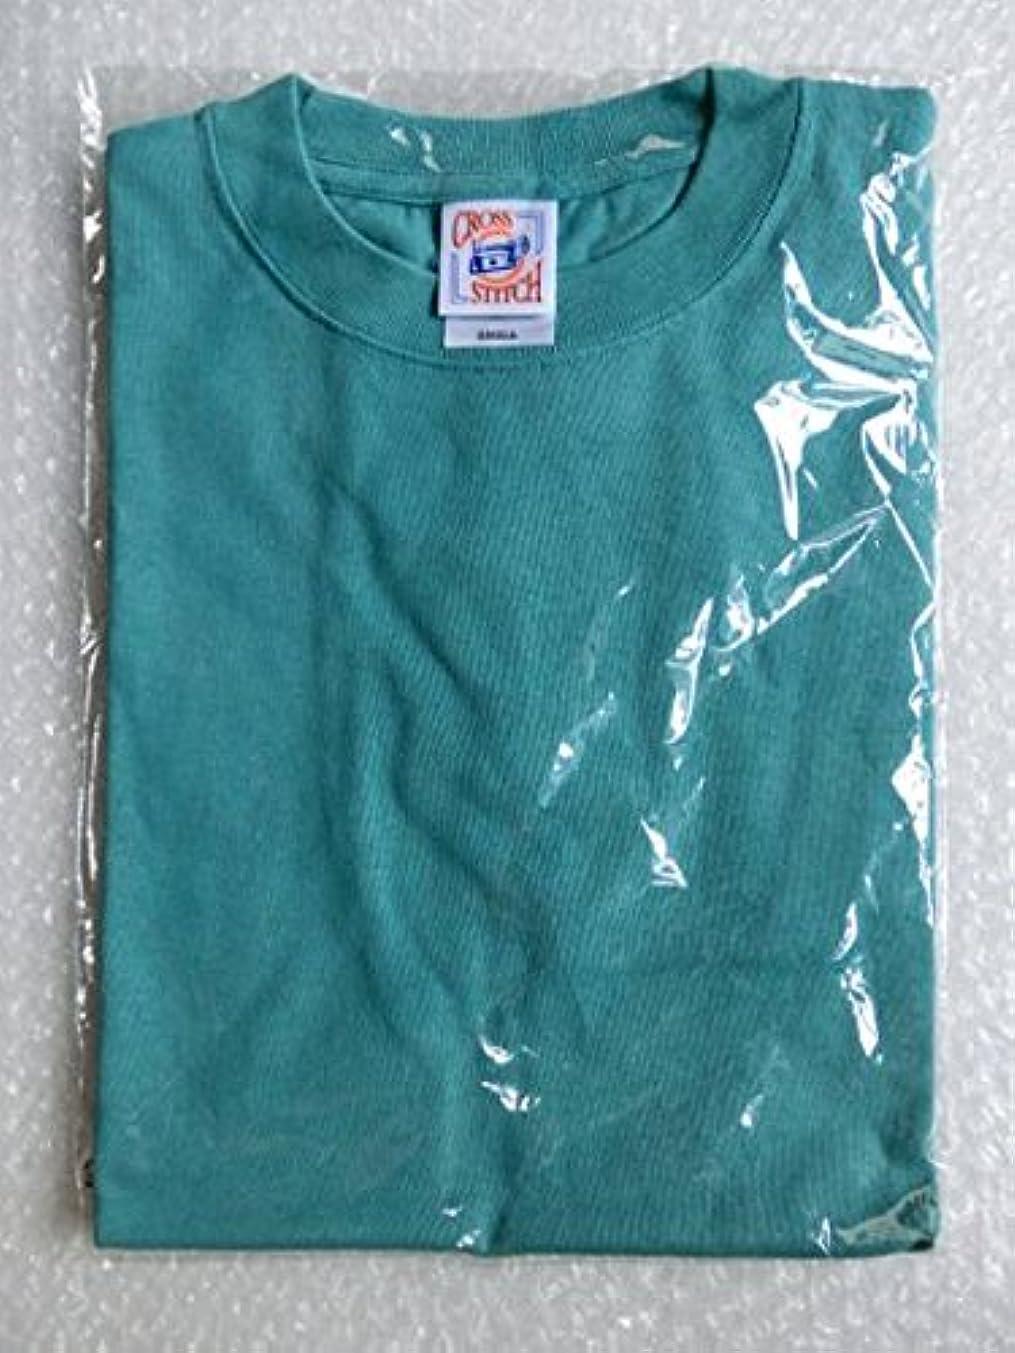 美徳最も遠い狂信者Perfume パフューム 2008年 夏Tシャツ オーシャン Sサイズ